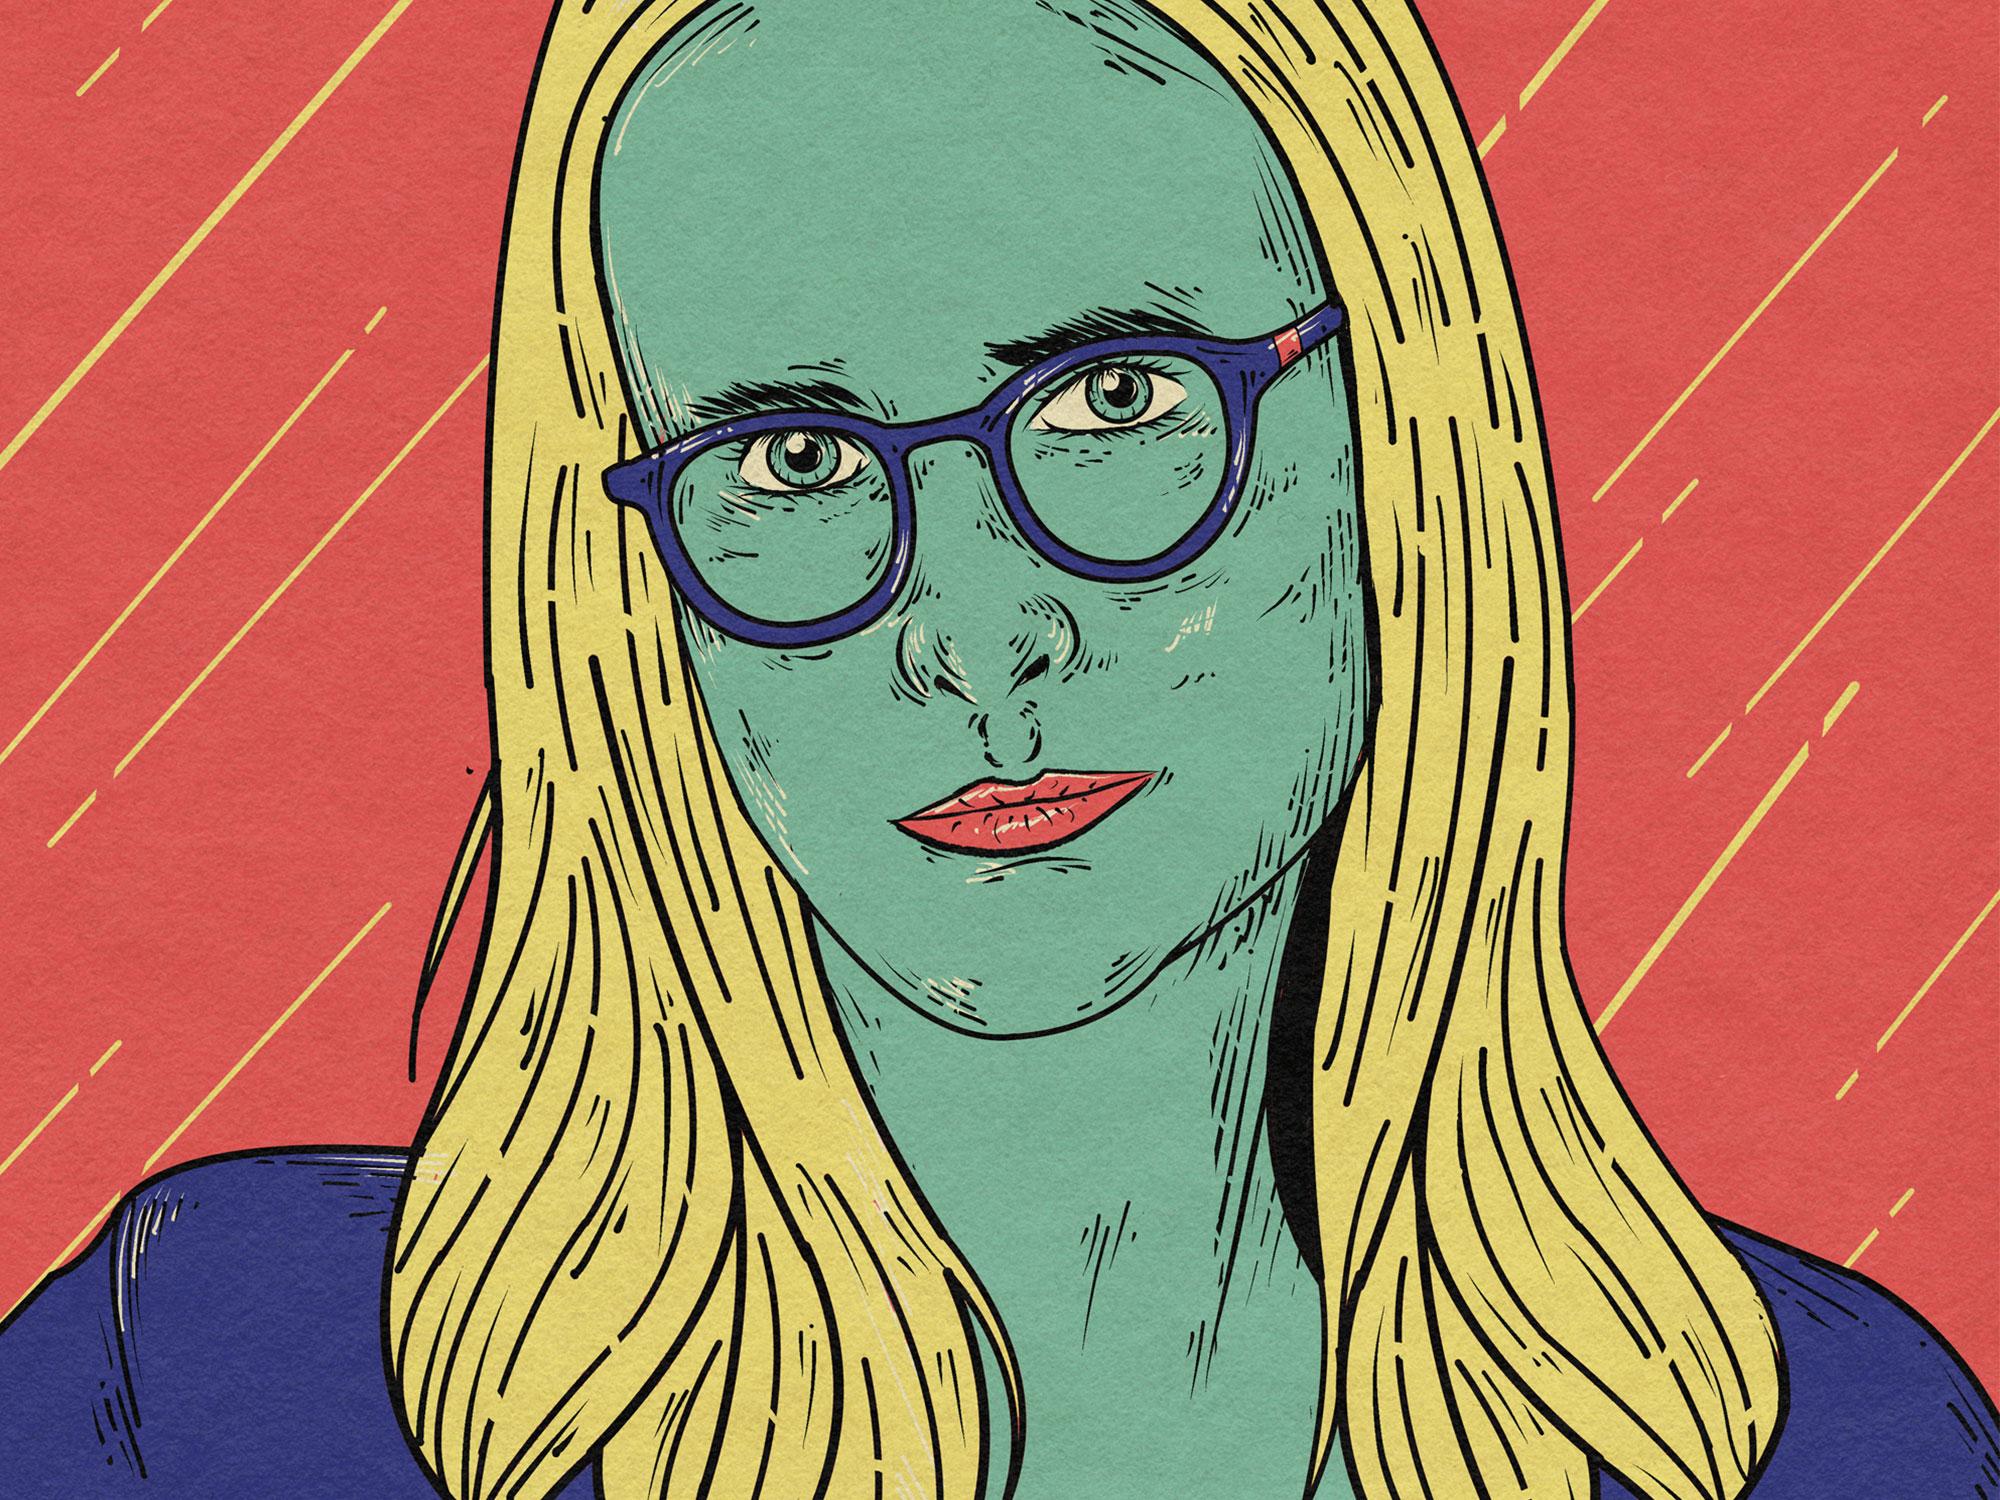 Claire Oakley illustration by Salvador Verano Calderón